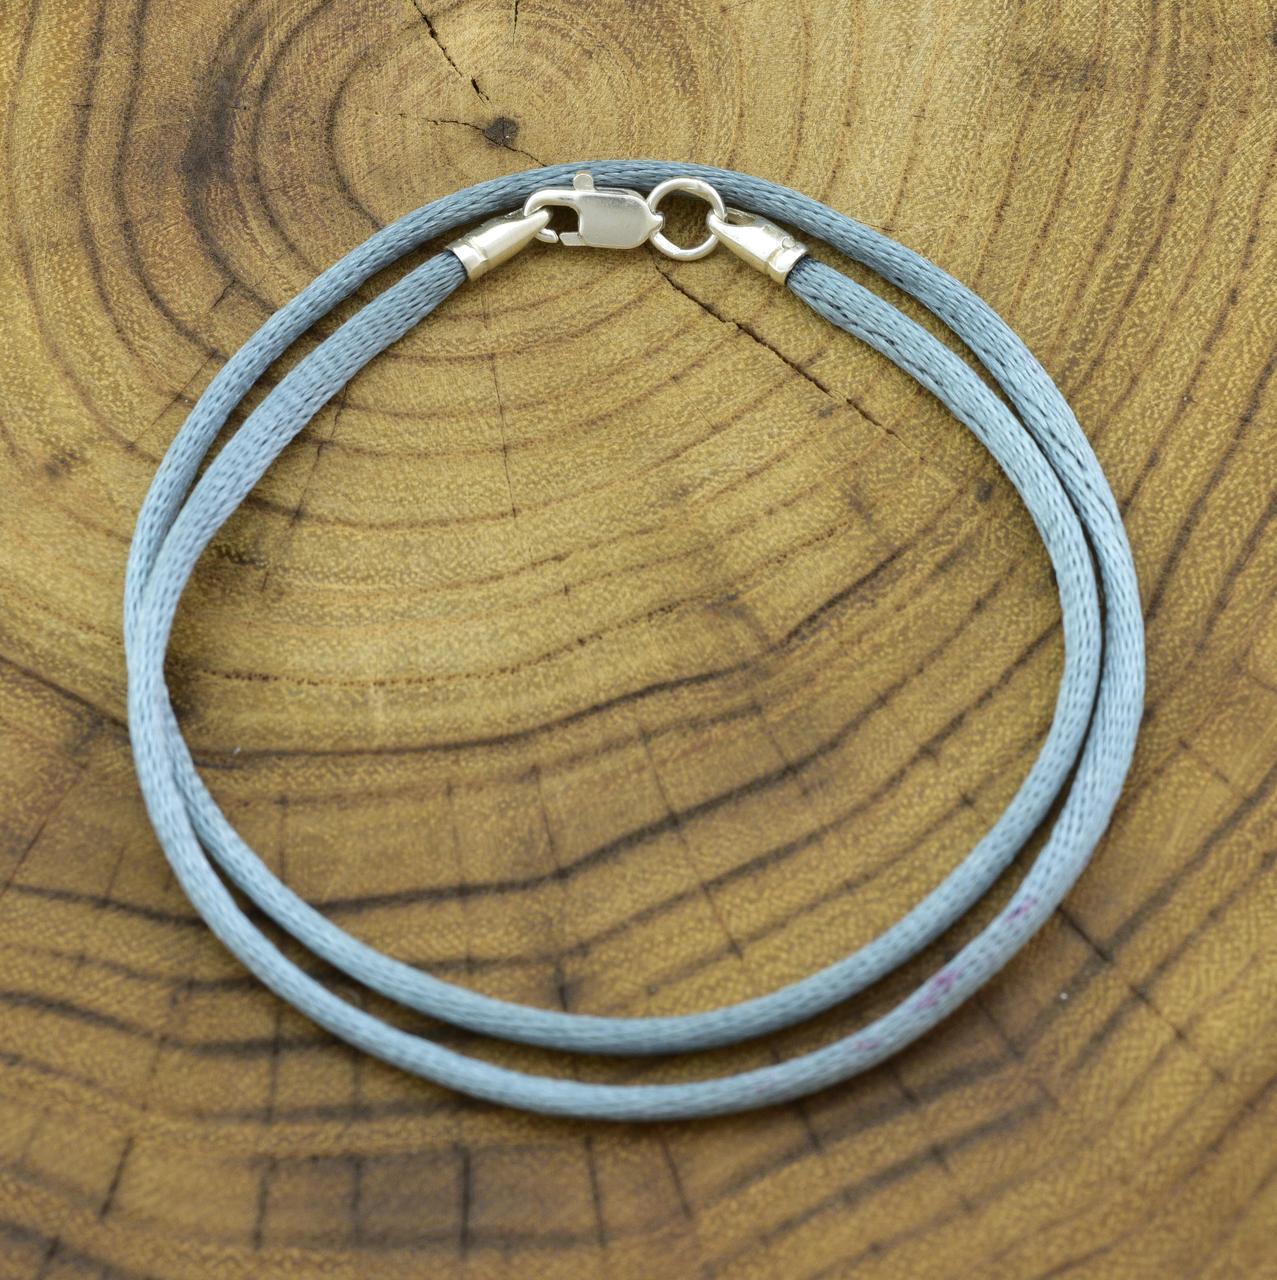 Шнурок шелковый цвет серый длина 35 см ширина 2 мм вес серебра 0.7 г